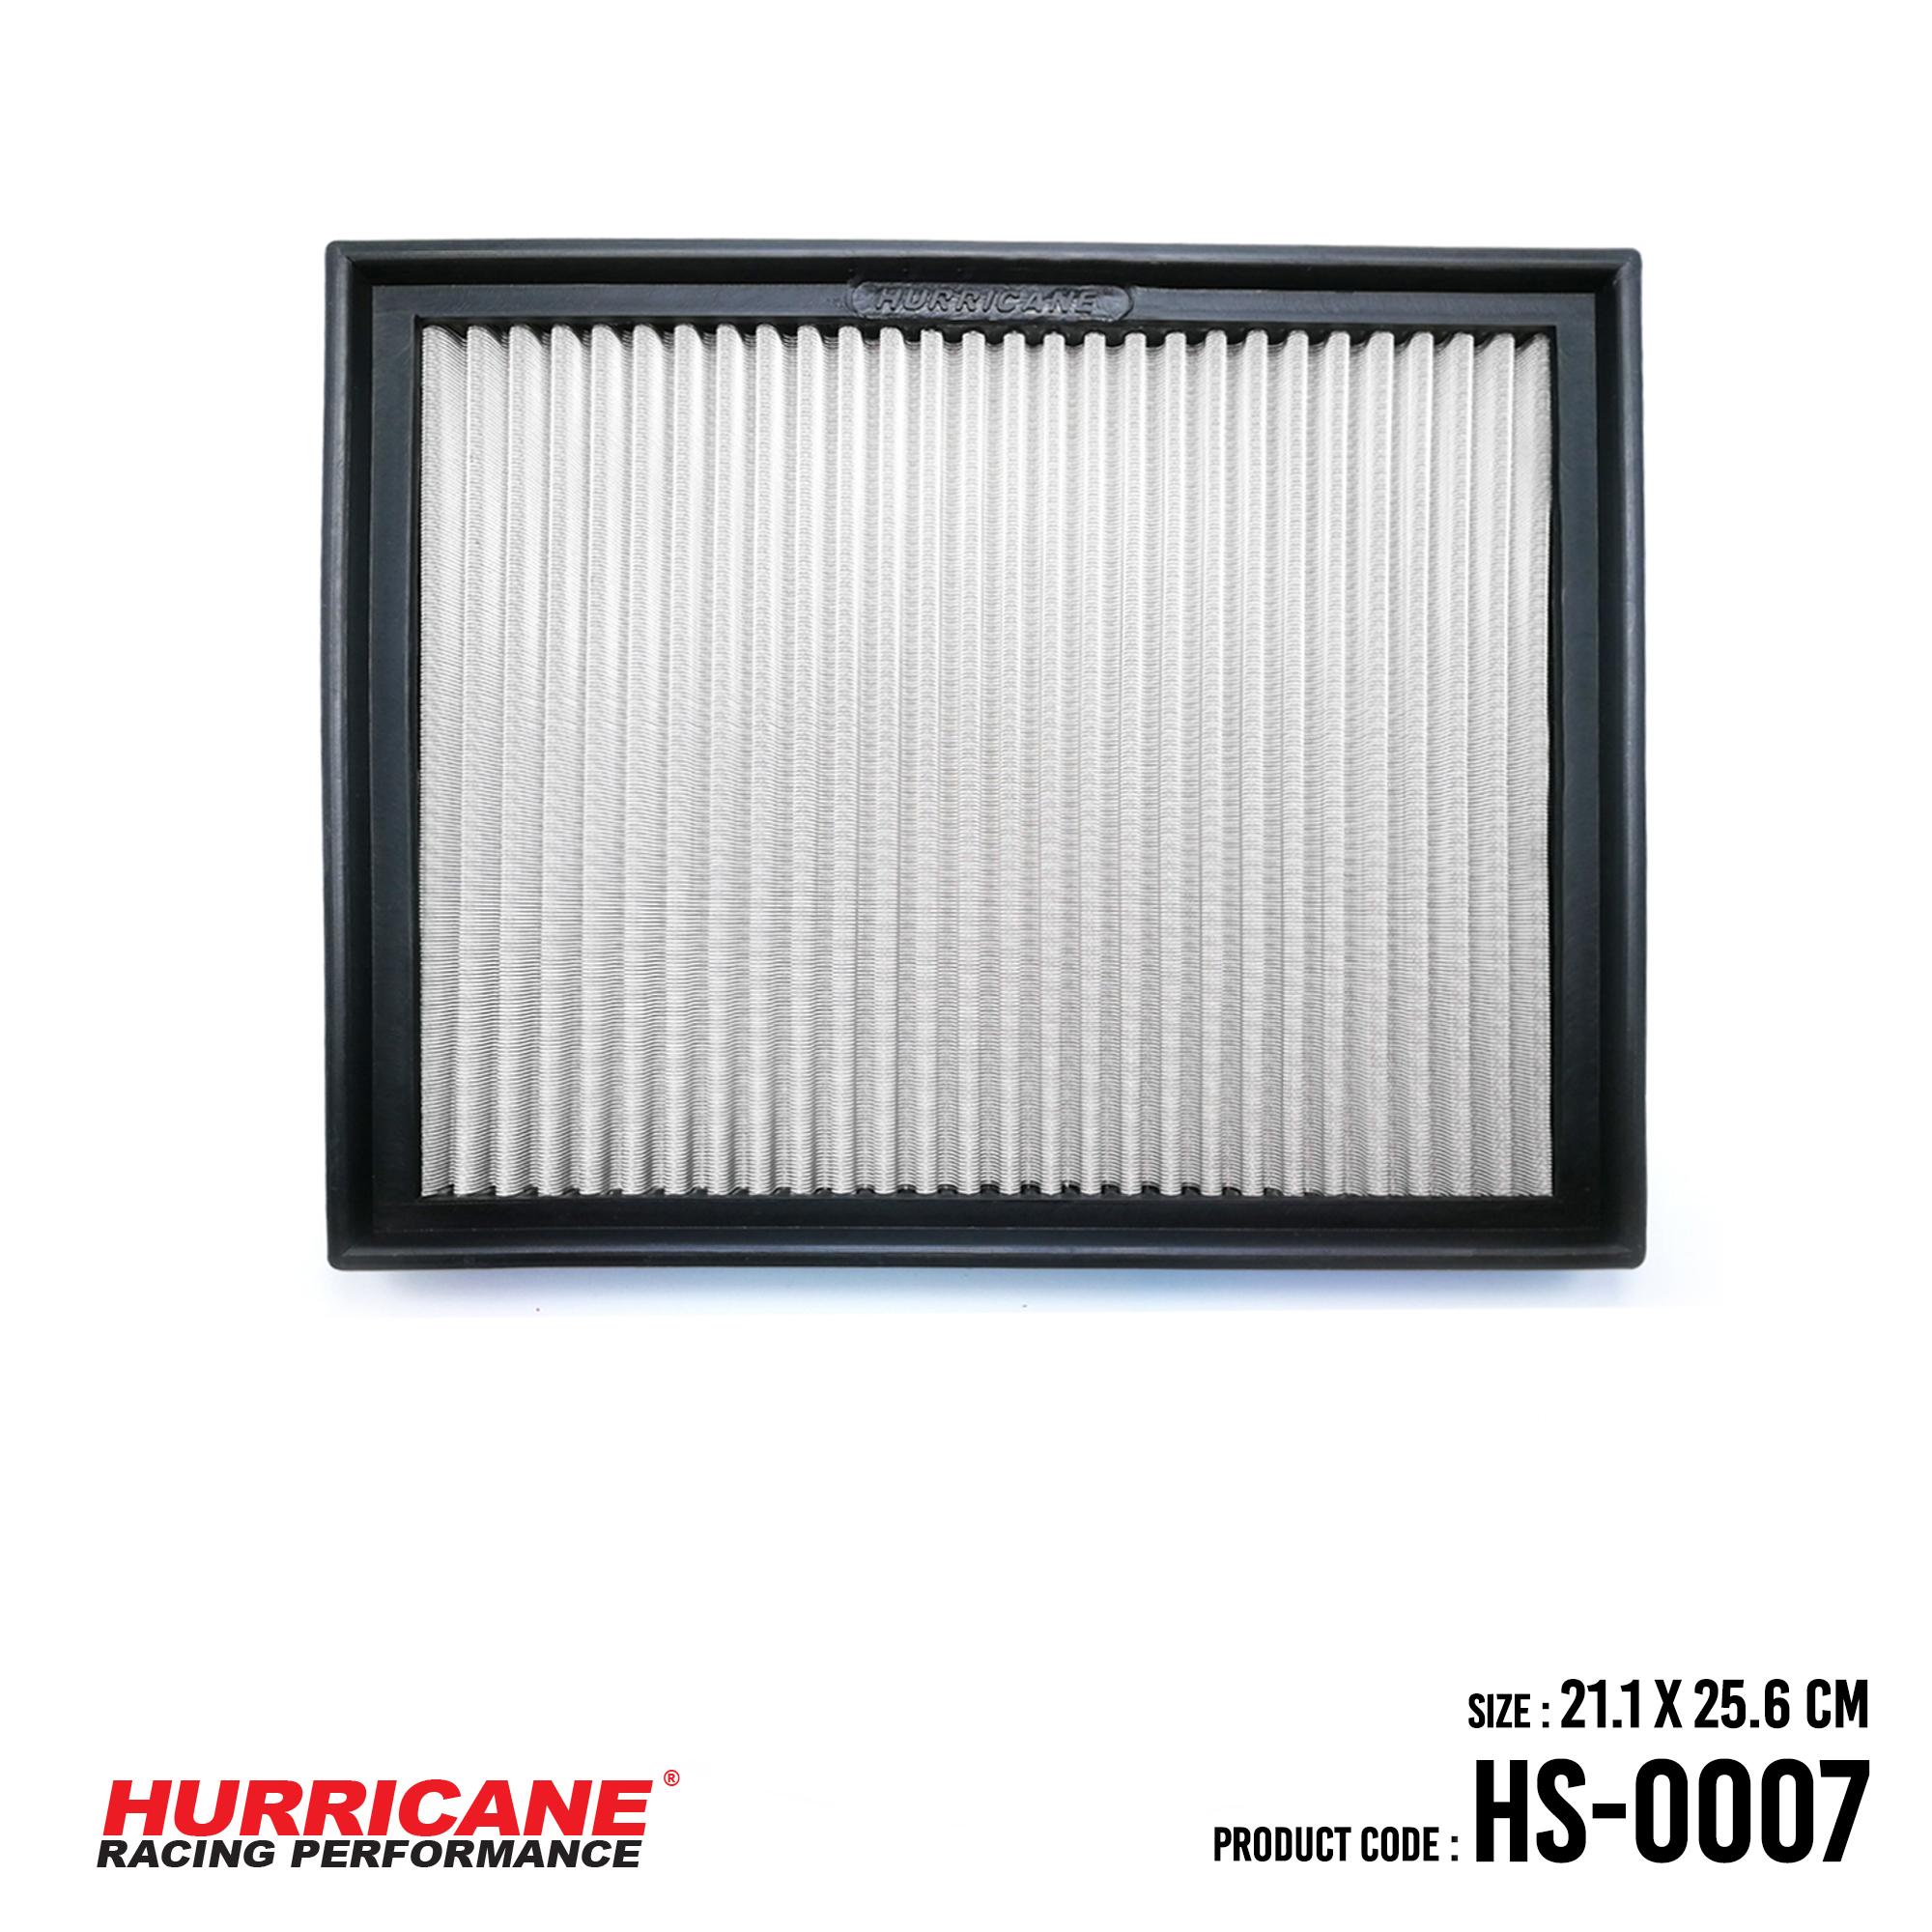 HURRICANE STAINLESS STEEL AIR FILTER FOR HS-0007 AudiSkodaVolkswagen